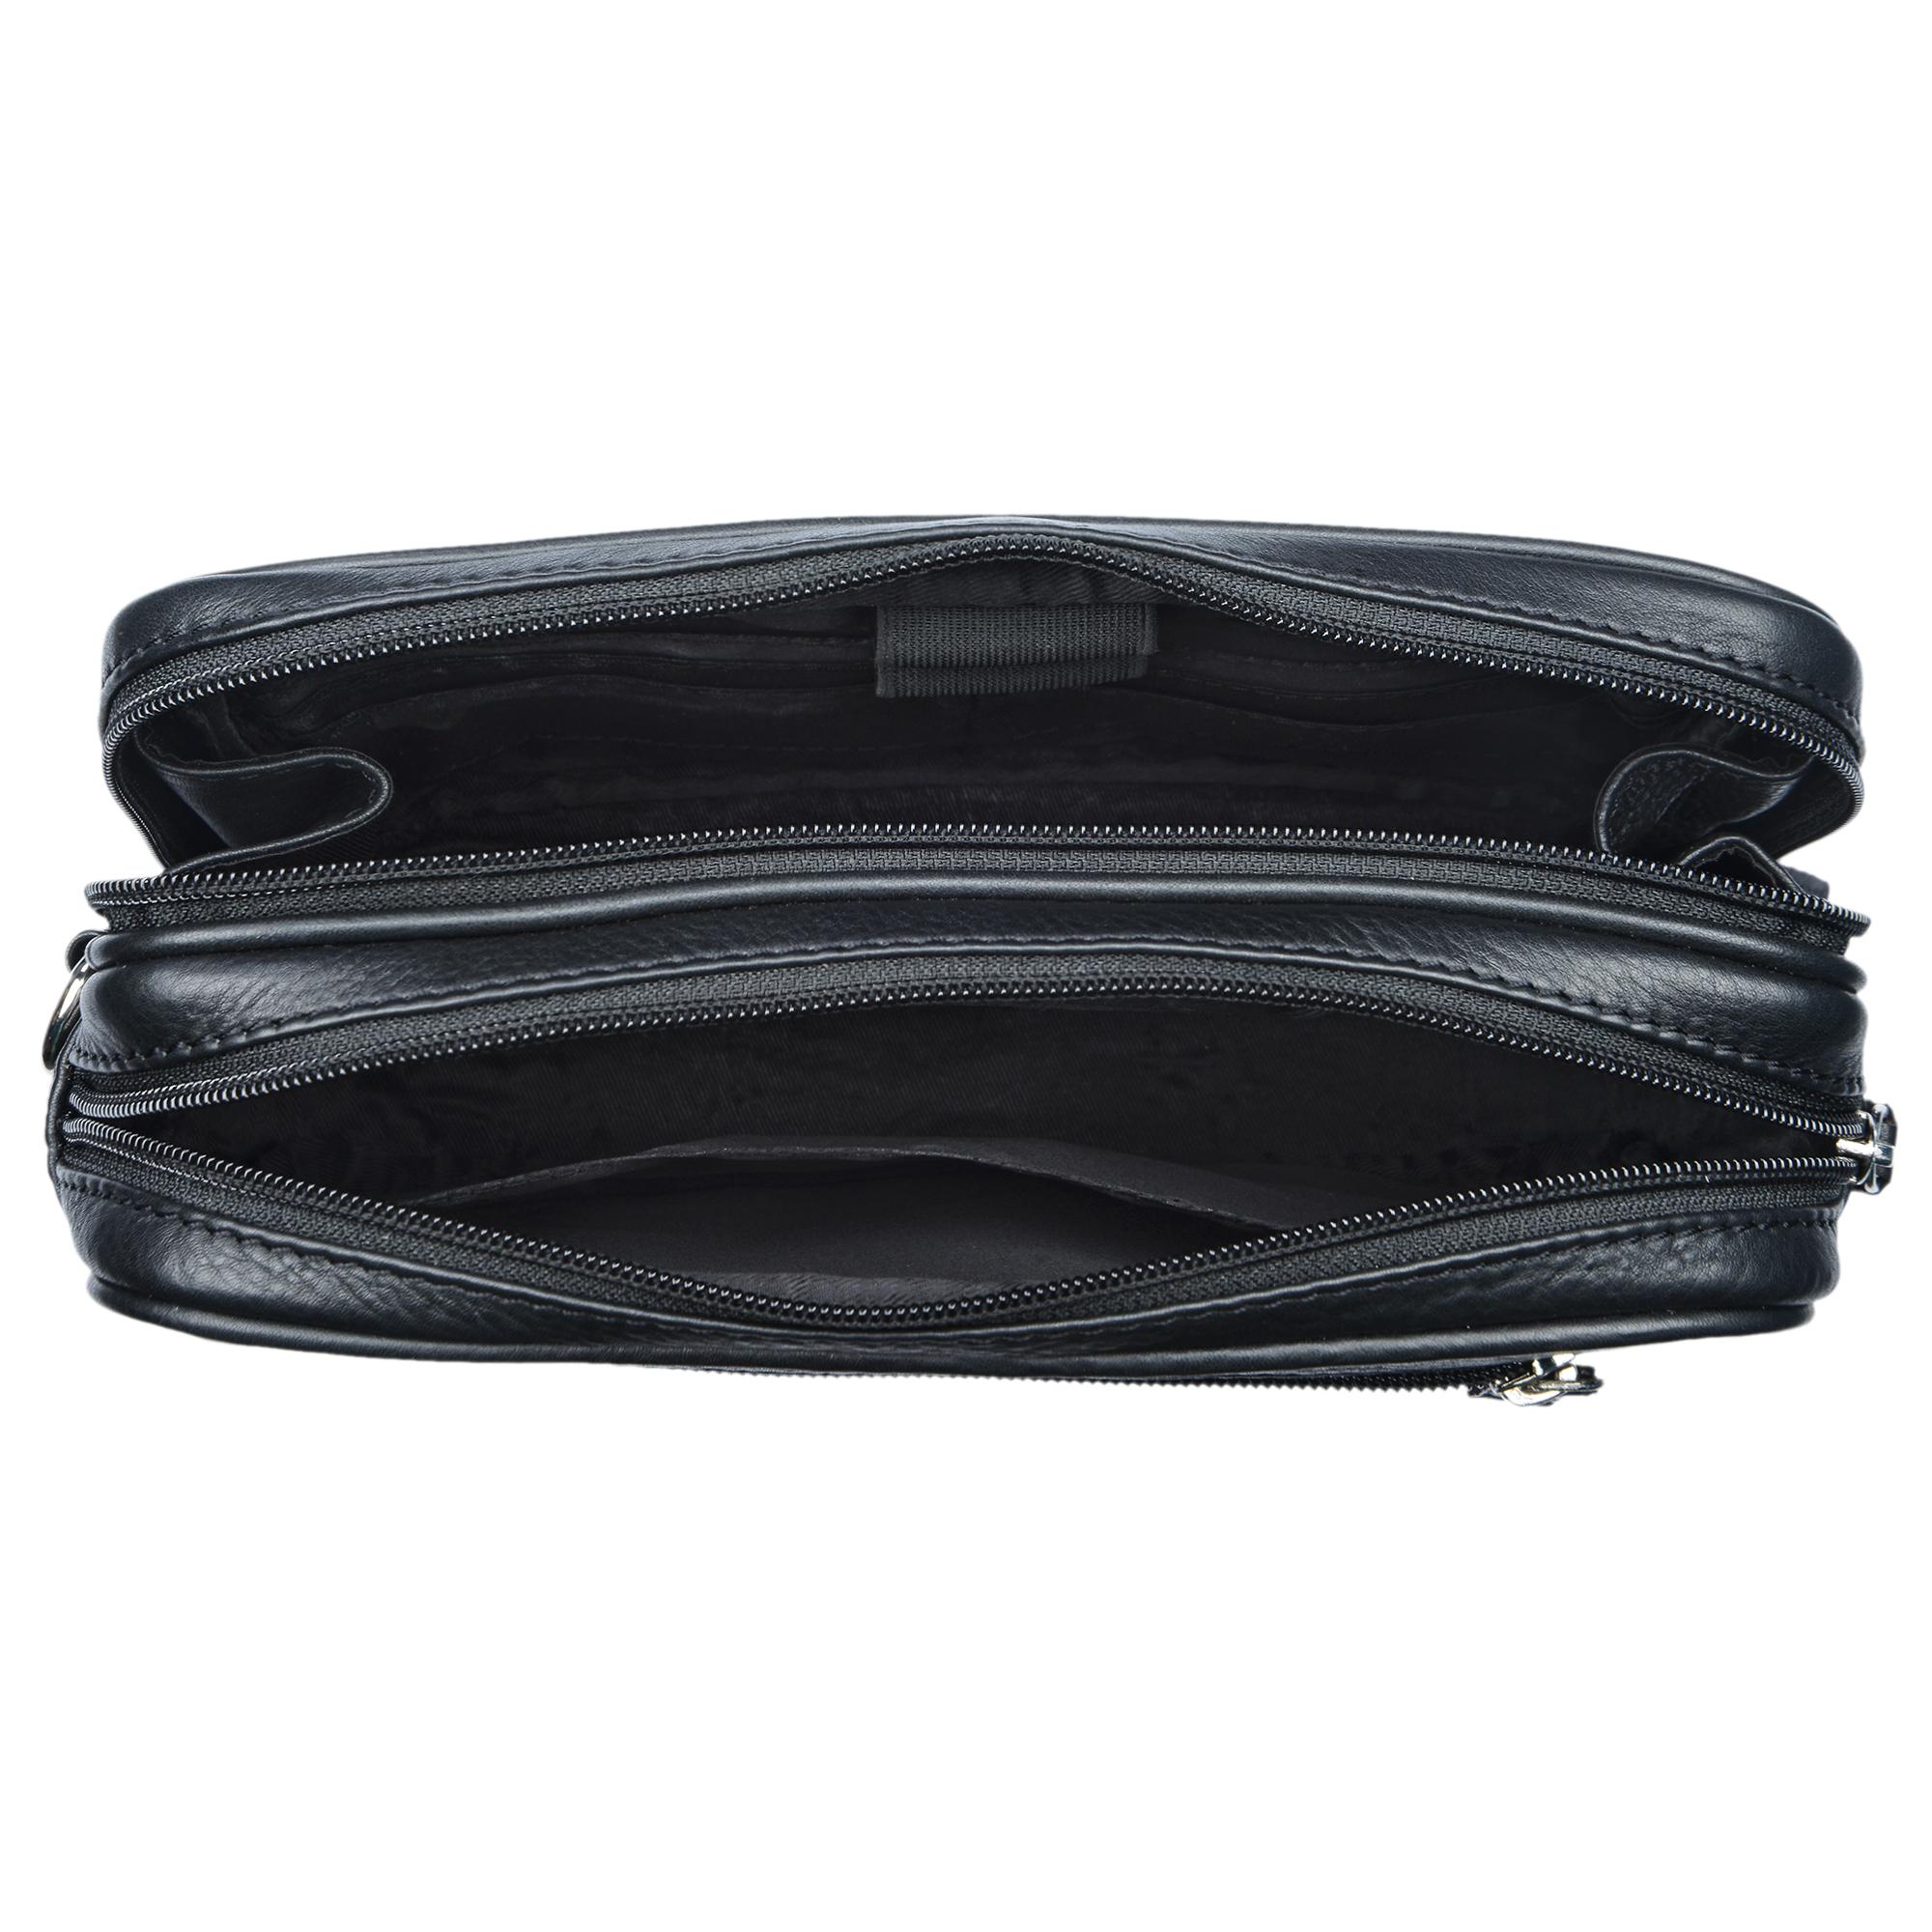 """STILORD """"Nero"""" Handgelenktasche Herren Leder mit Doppelkammer Vintage Handtasche für 8,4 Zoll Tablets ideal für Reisen Festival Herrenhandtasche echtes Leder - Bild 10"""